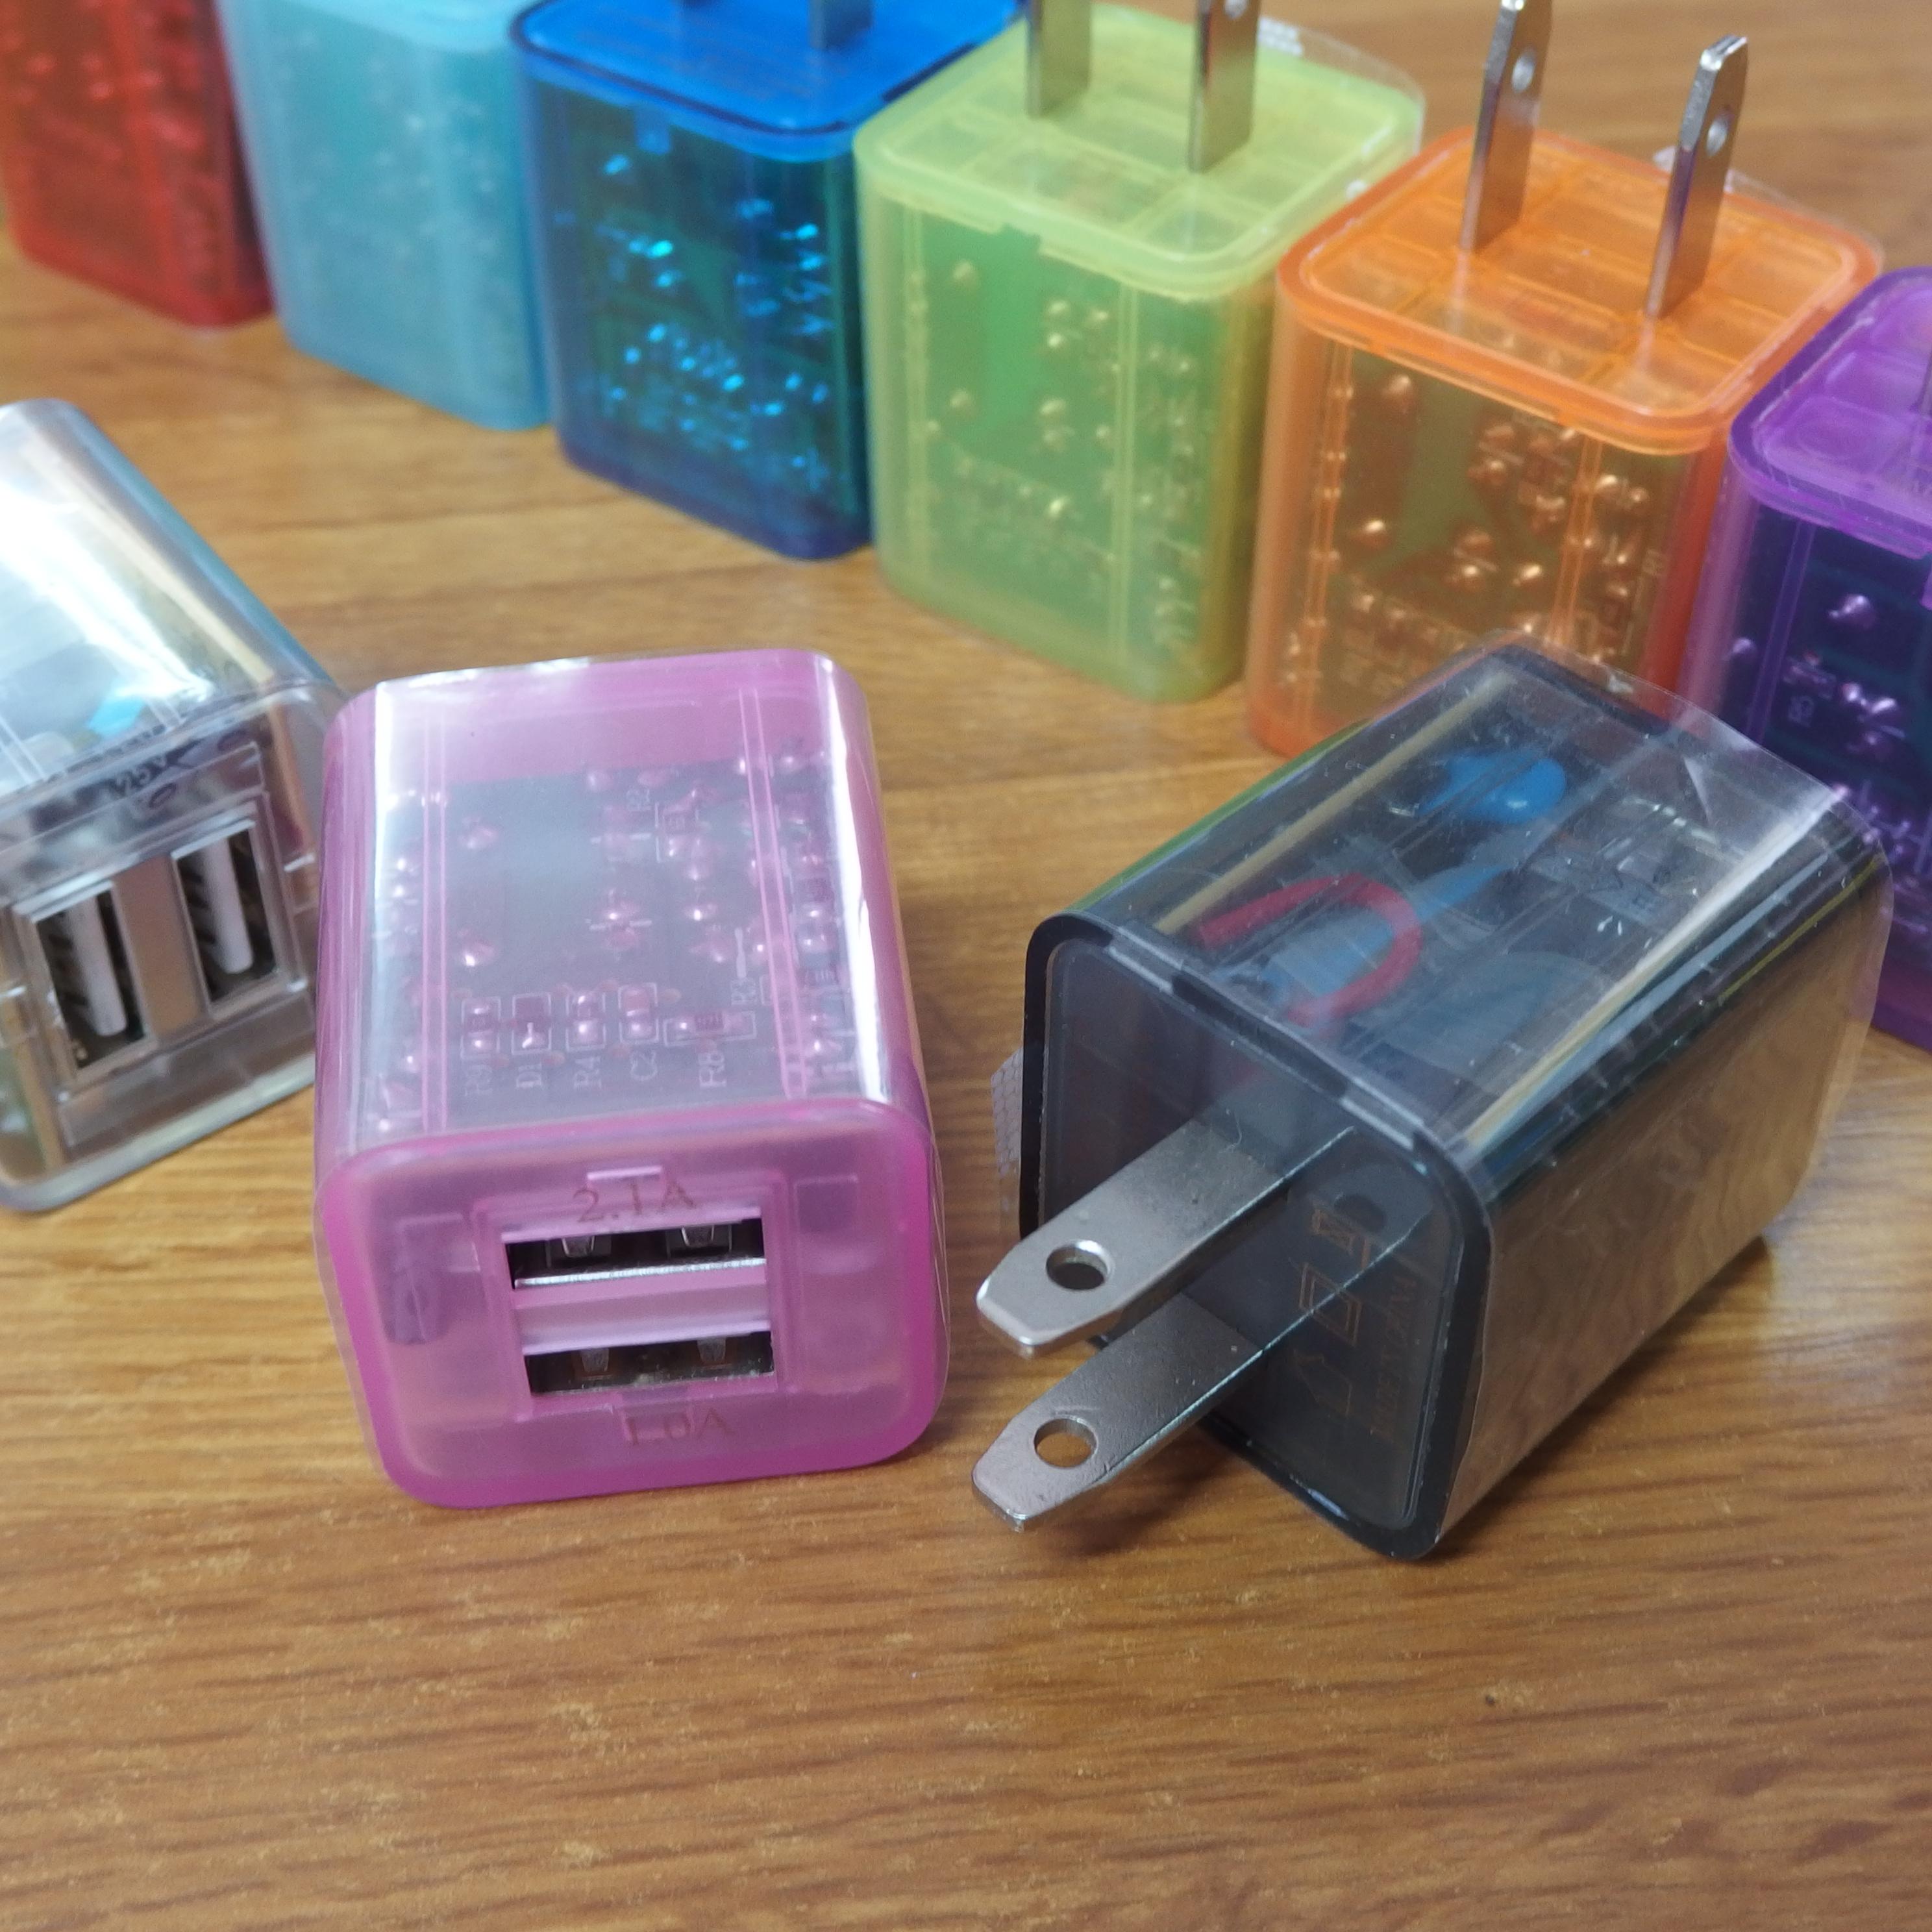 iPhone12にはアダプタが付属していないから用意が必須!2口USB→コンセント変換カラフルAC電源アダプタ Lightning AC変換コネクタ コンセント充電器